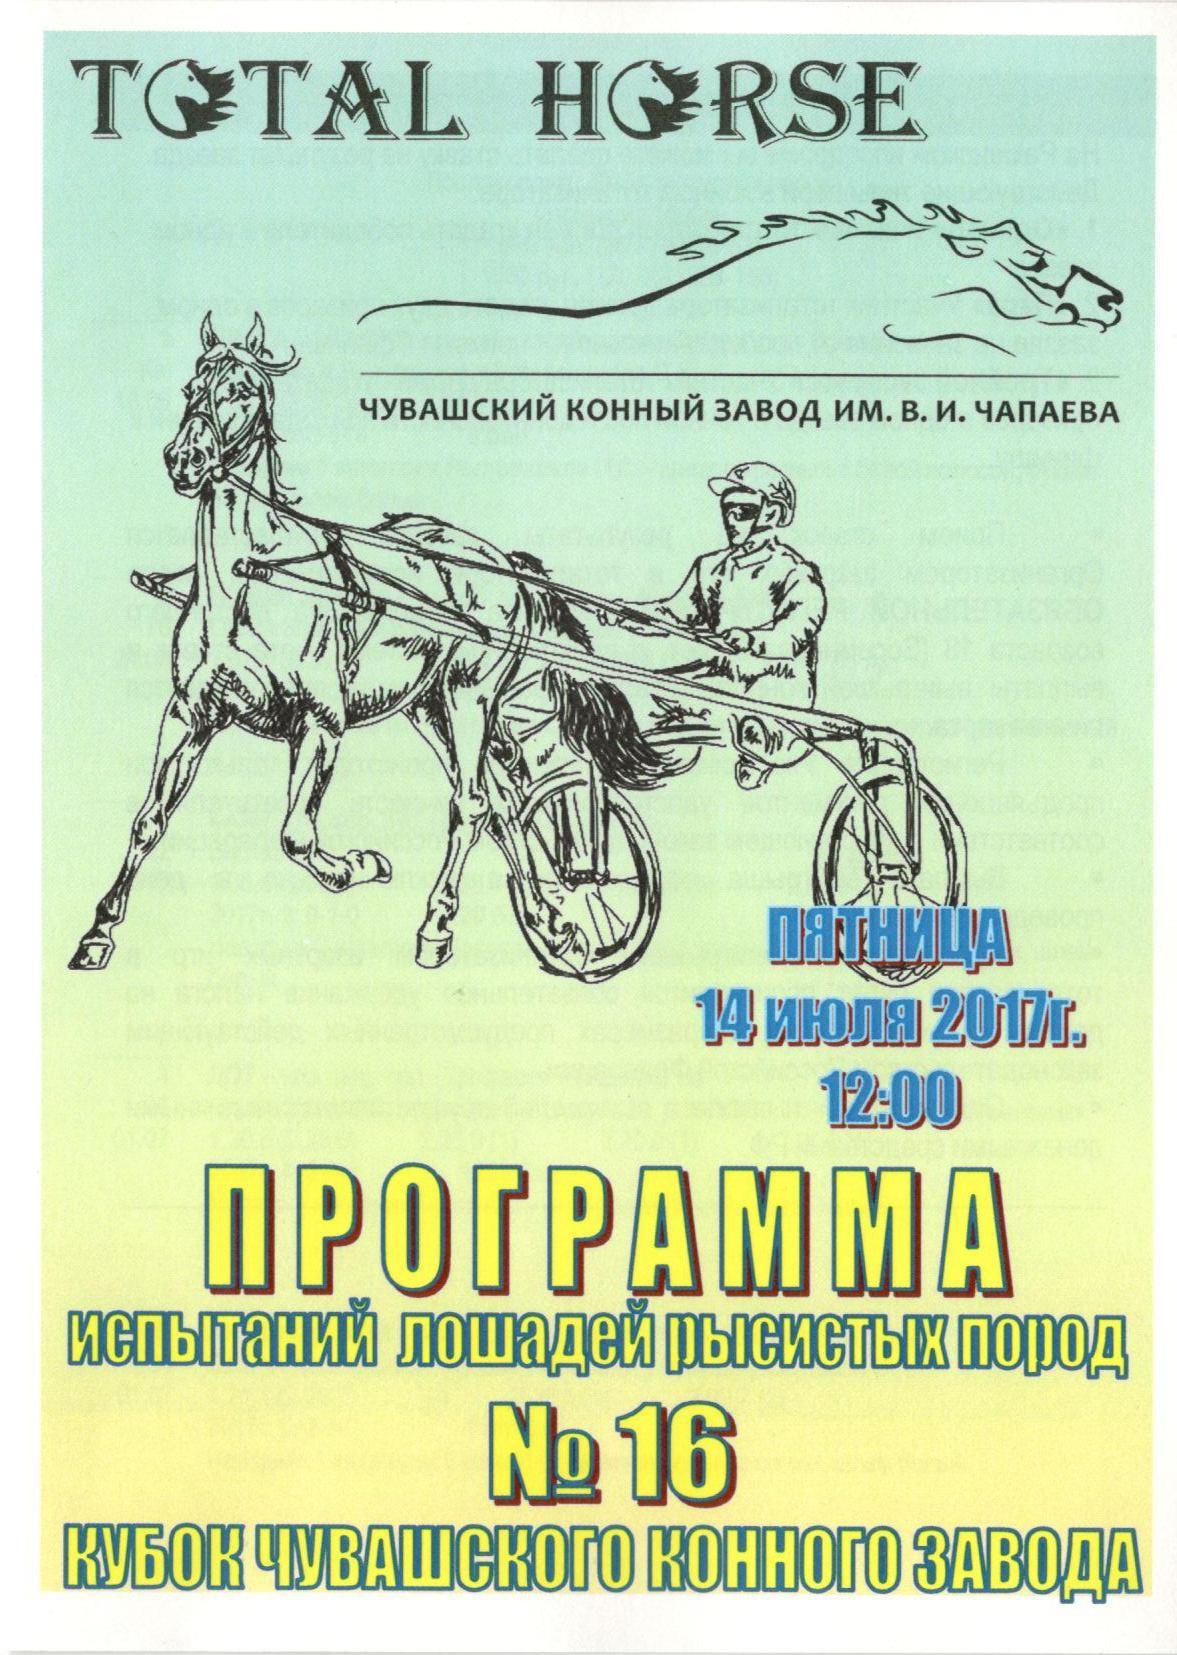 Тосты на чувашском языке